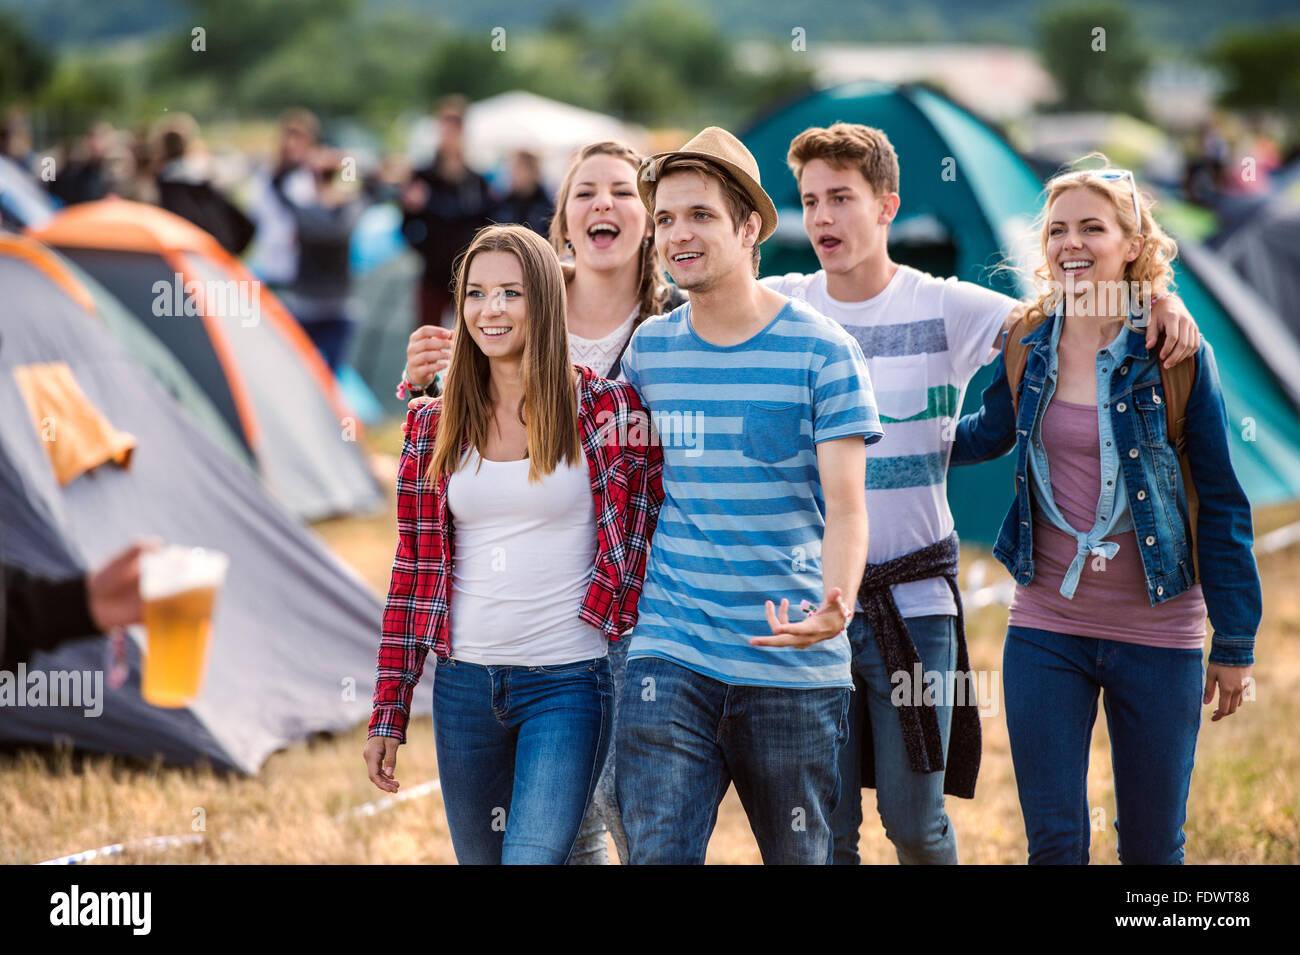 Ragazzi ad un festival estivo Immagini Stock